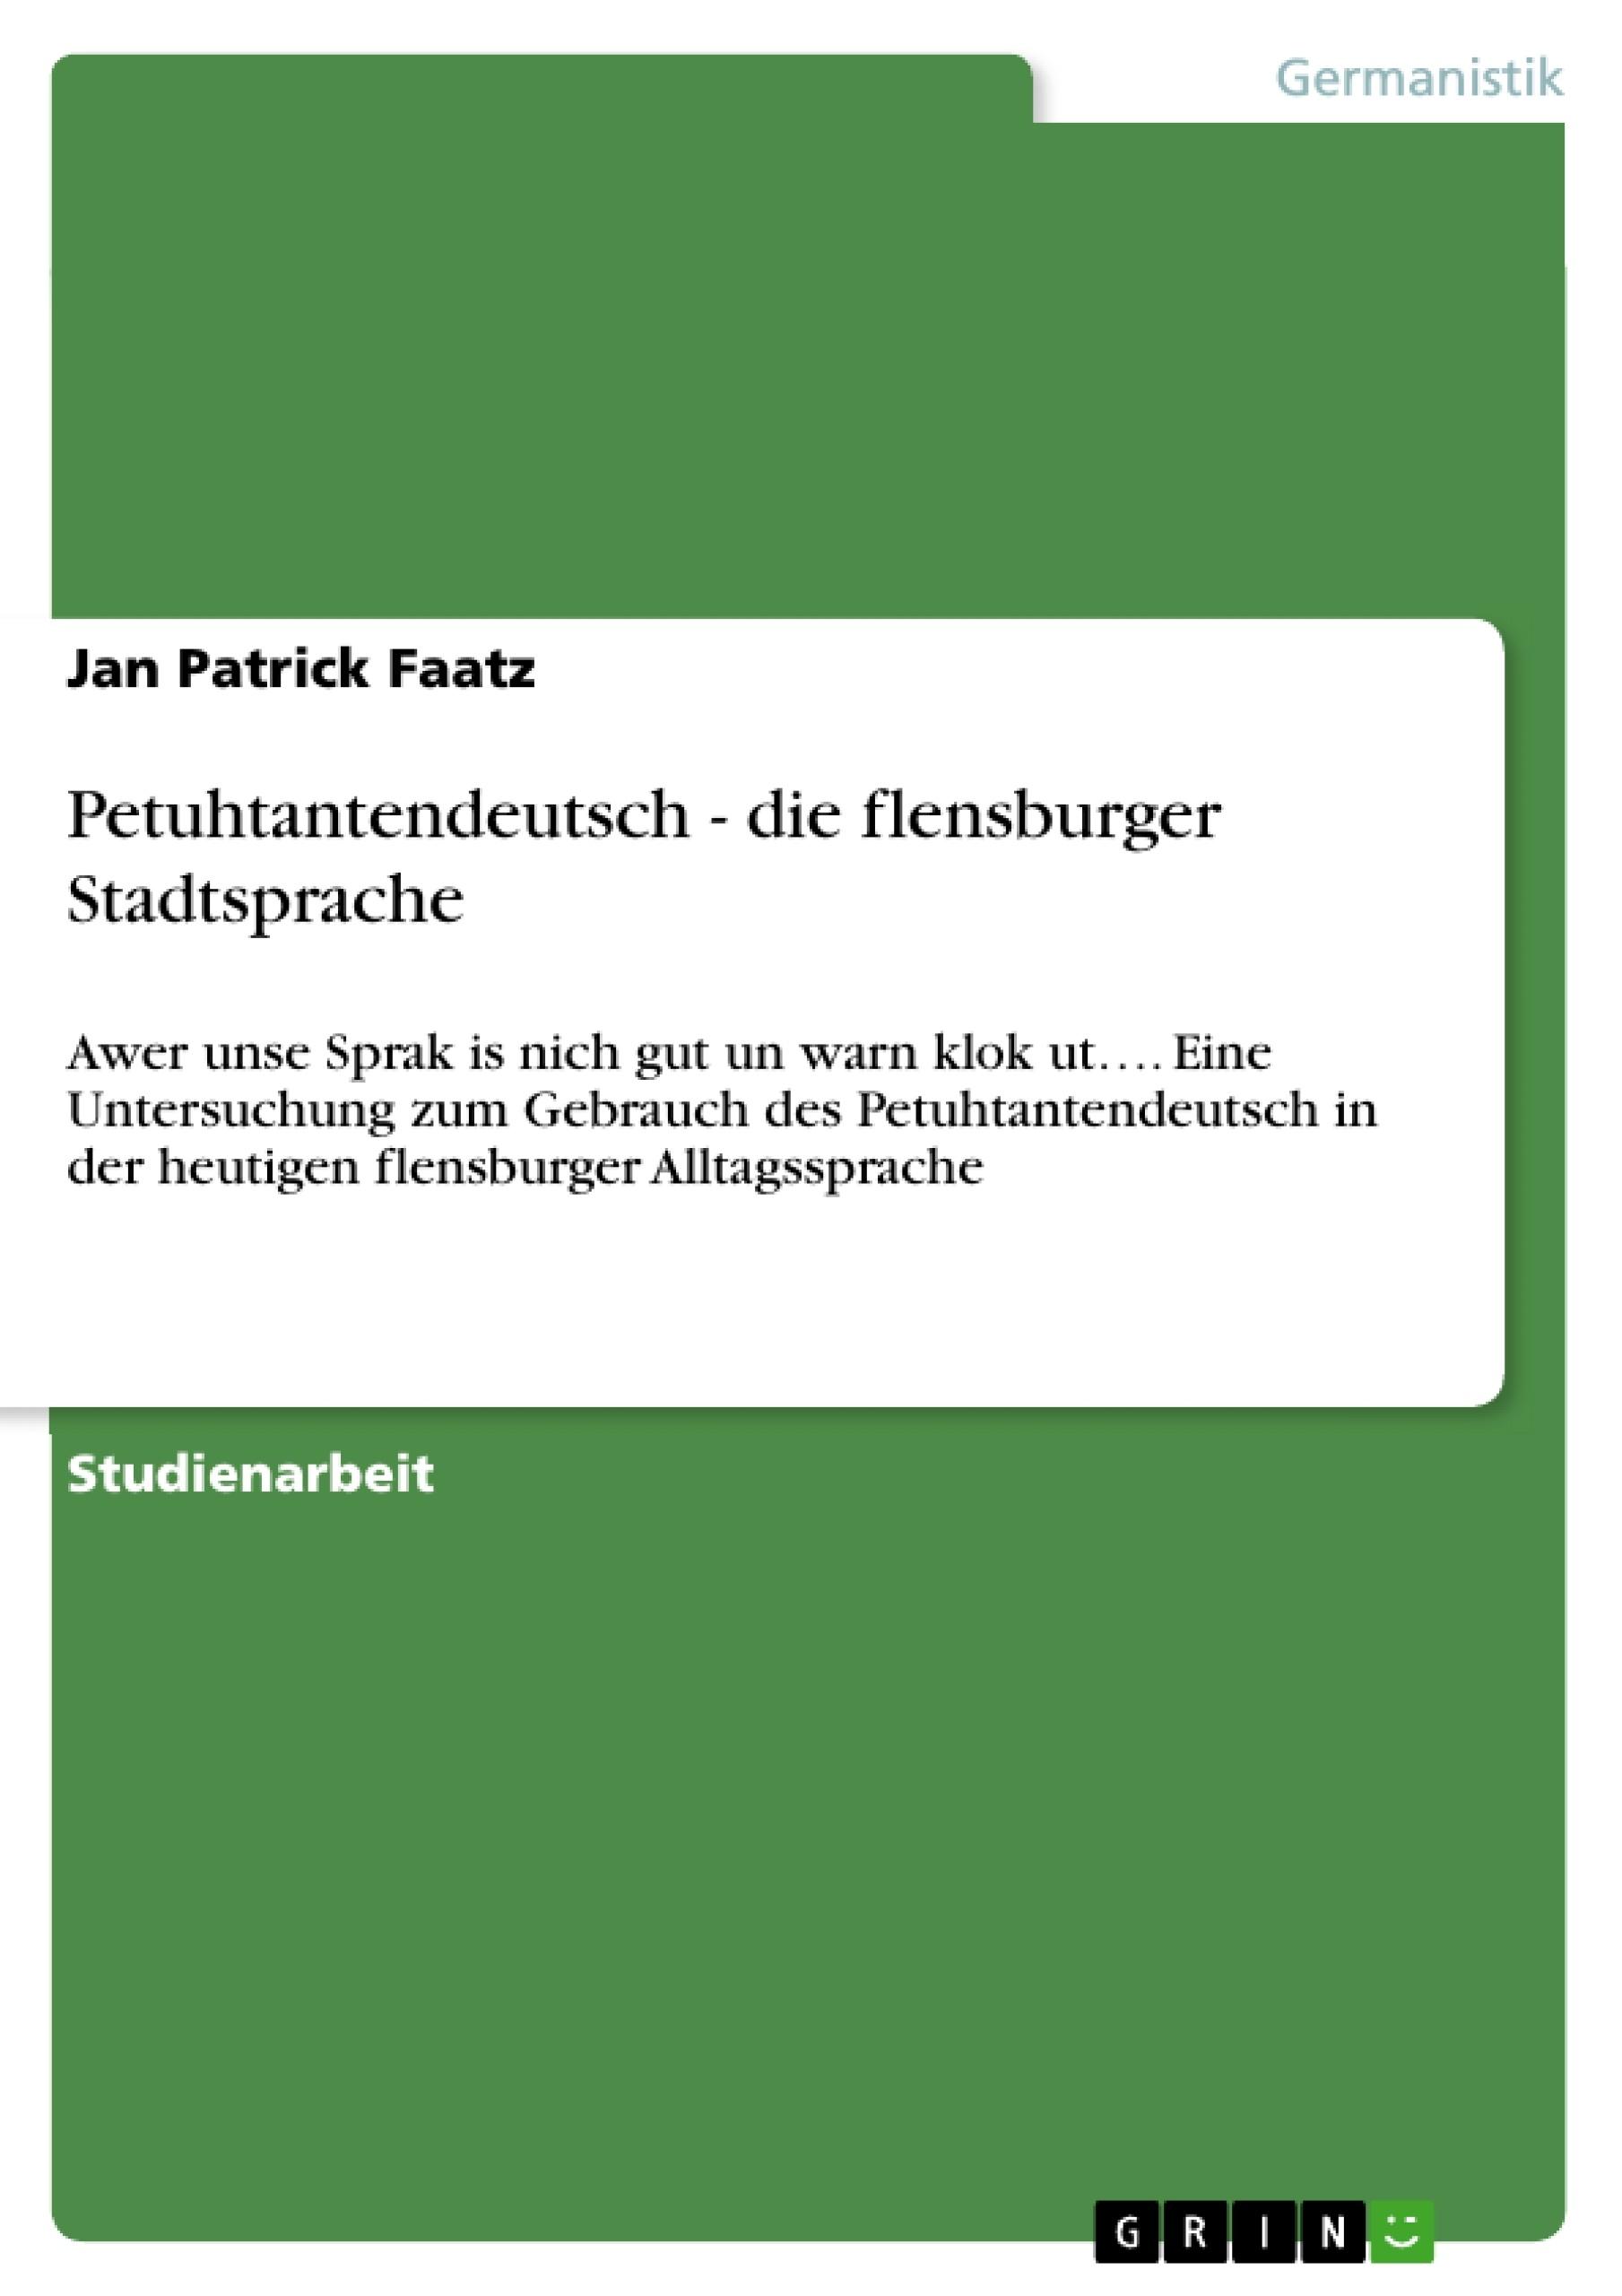 Titel: Petuhtantendeutsch - die flensburger Stadtsprache